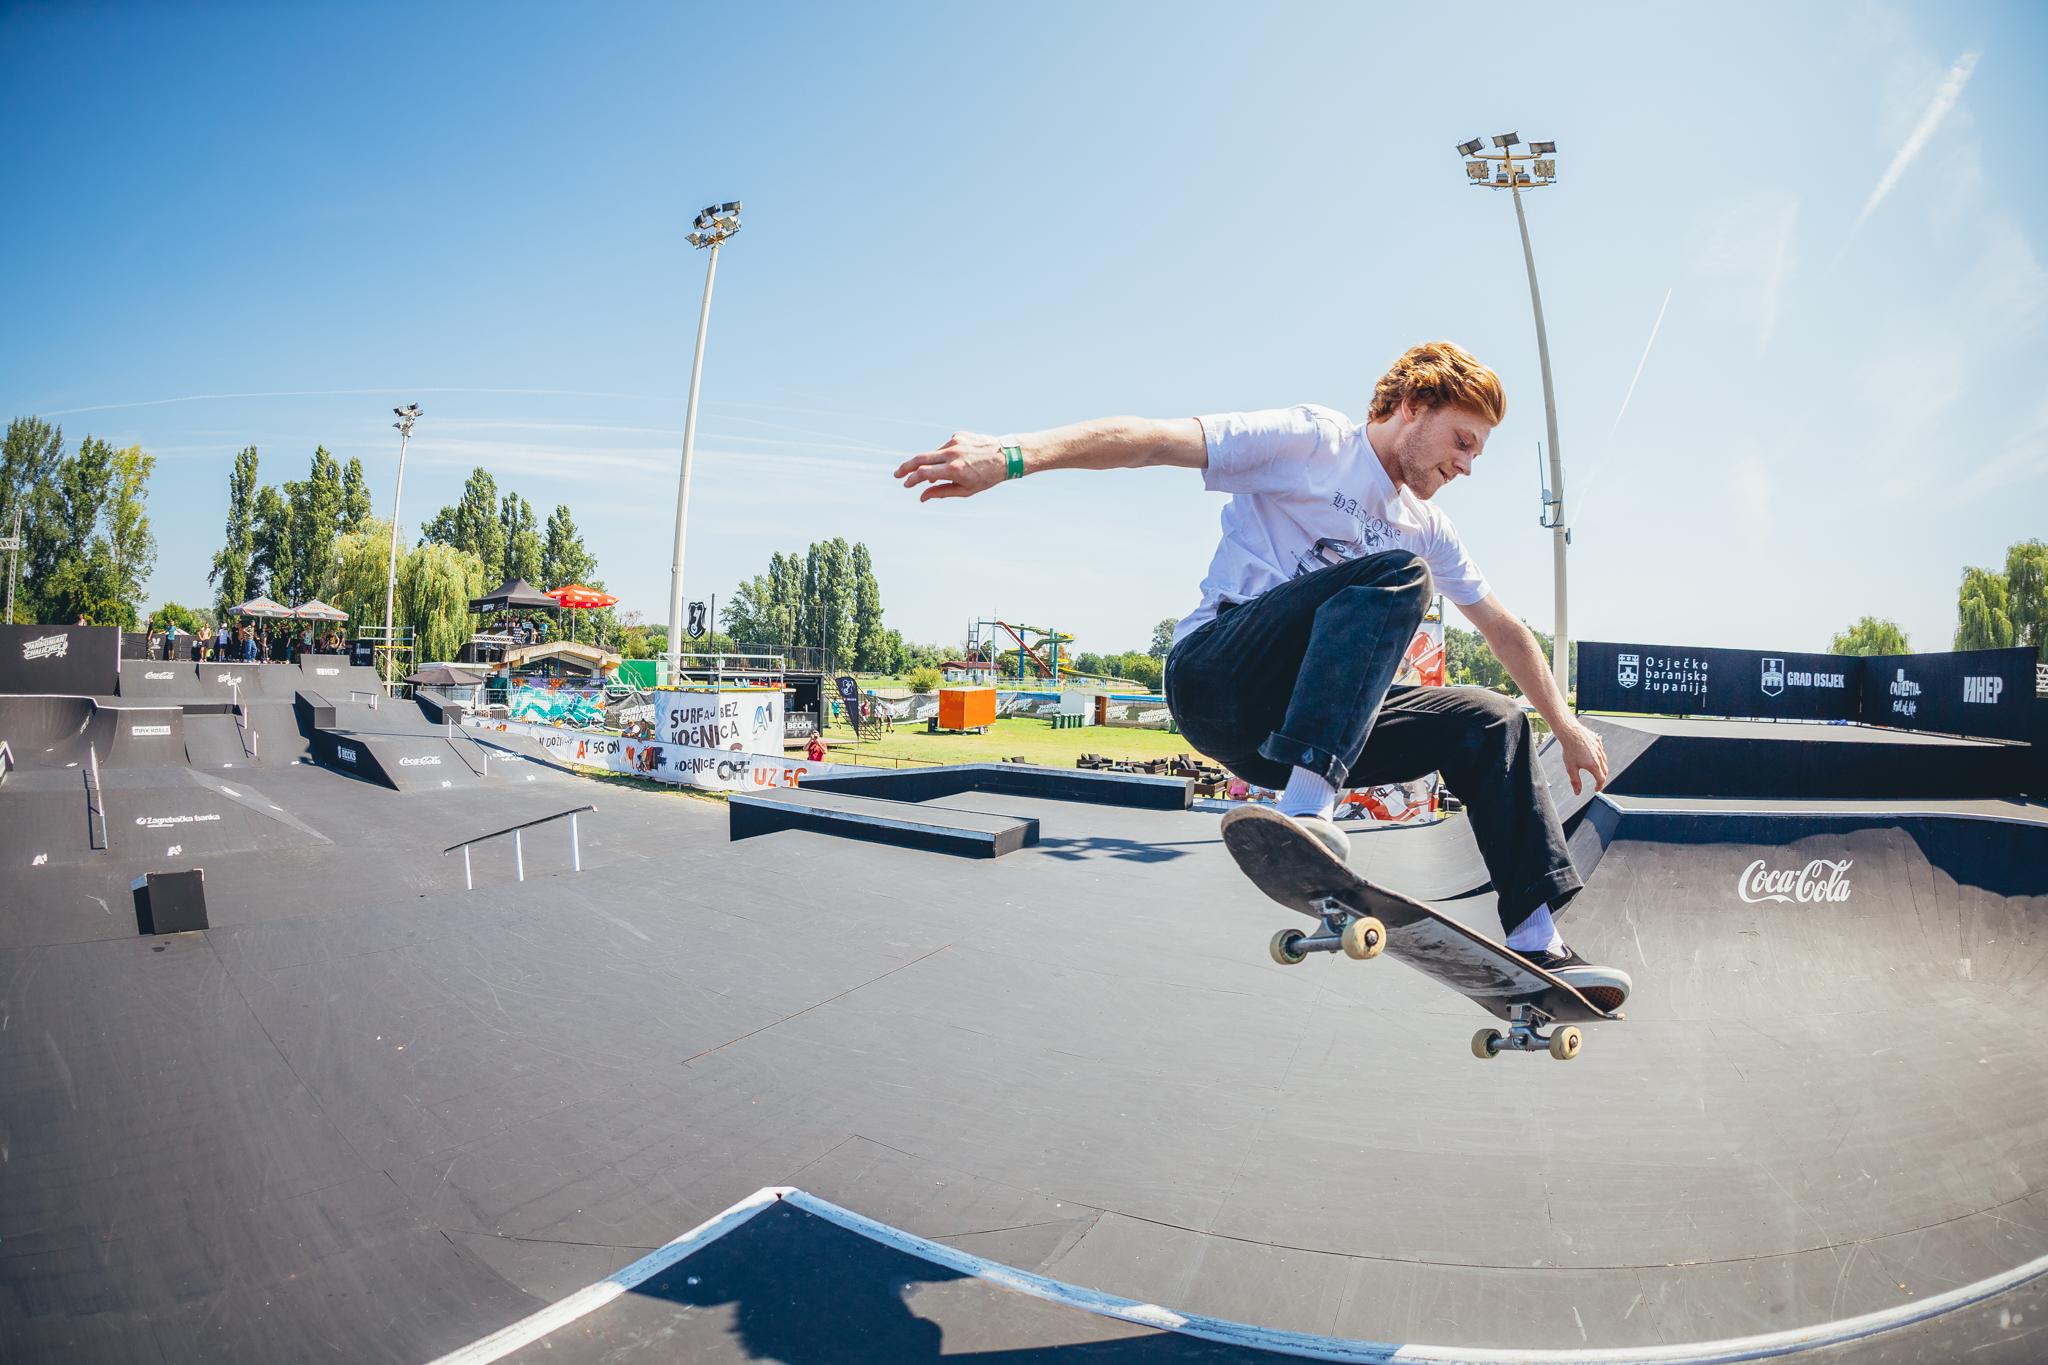 King Khan returned to the skate throne